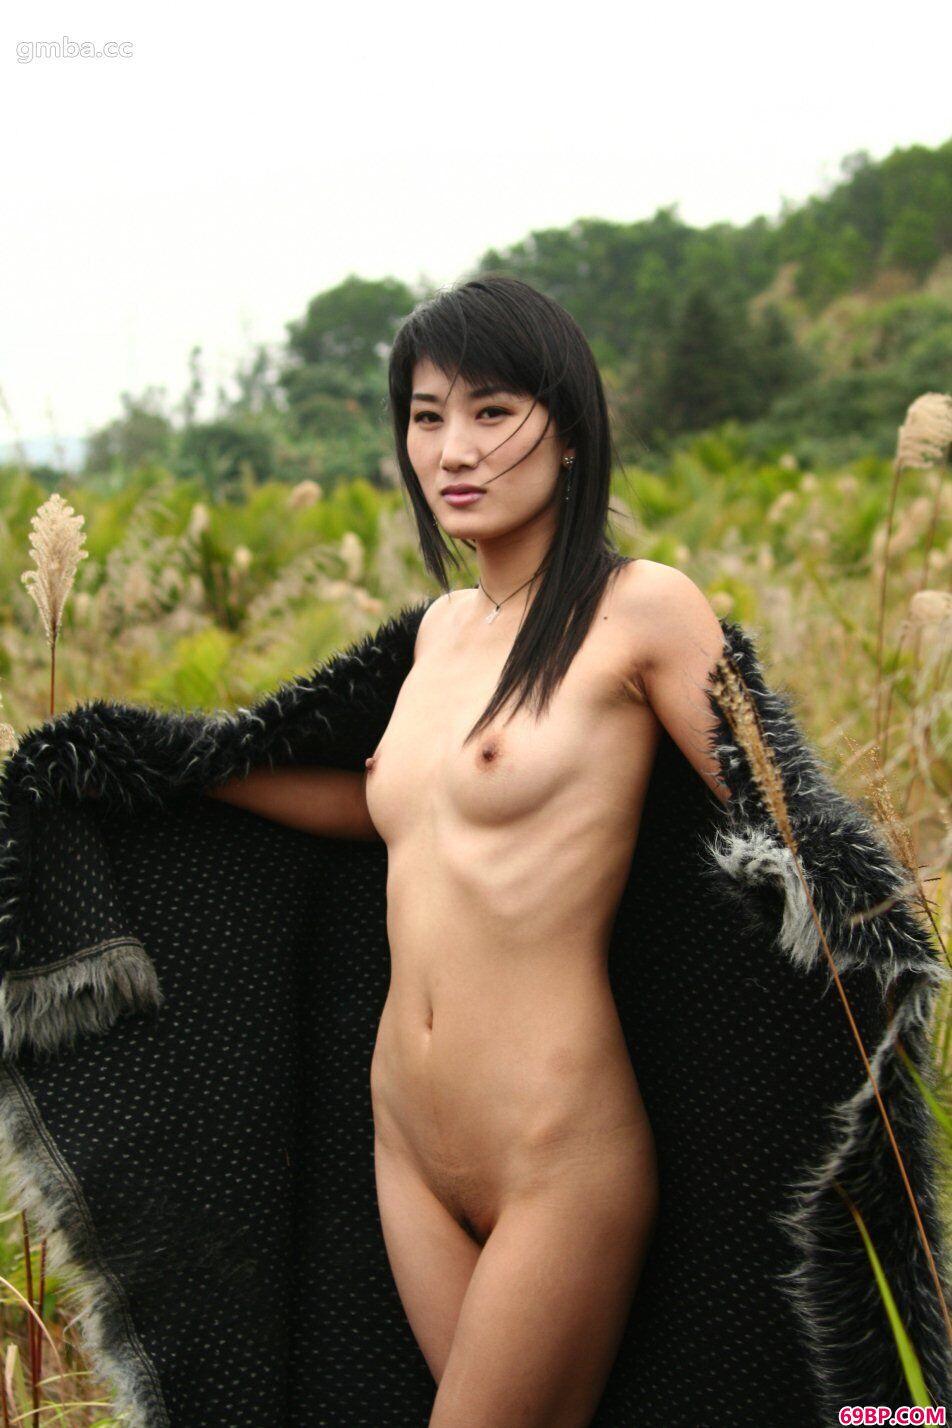 大但人体艺术_美人模特毛毛外景人体写真